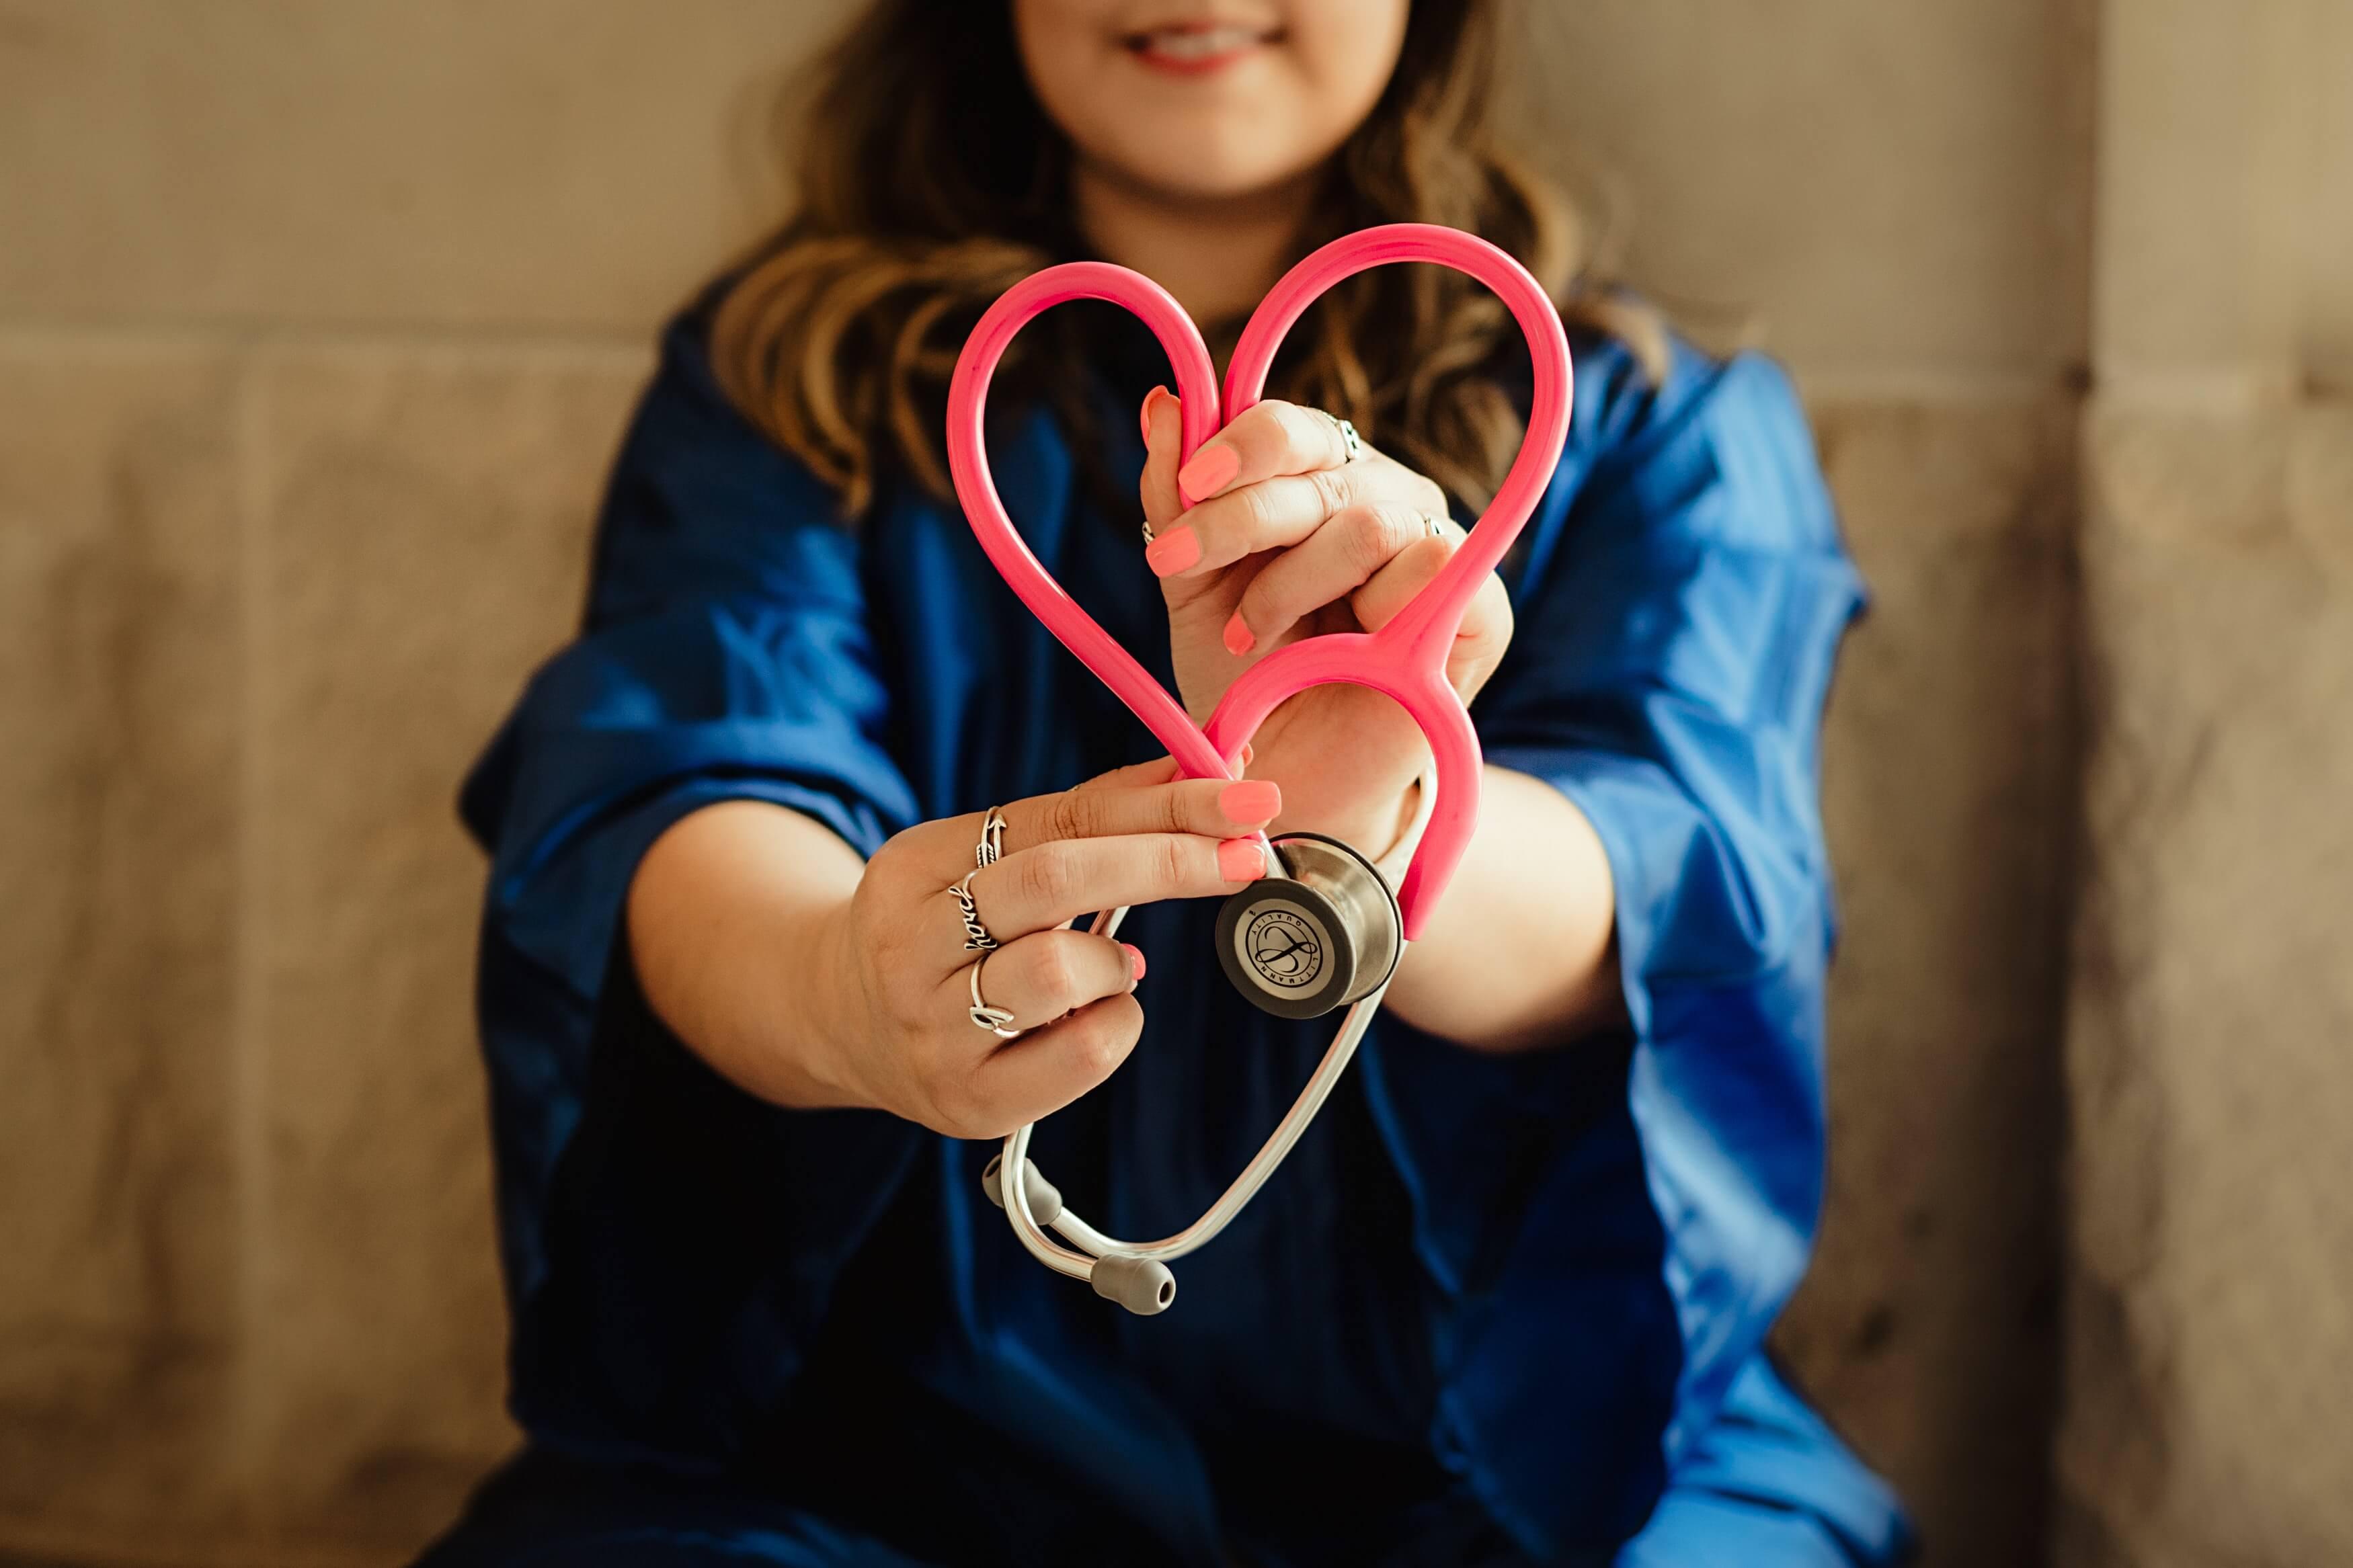 Medizinerin in Arbeitskleidung macht mit Stethoskop eine Herzform